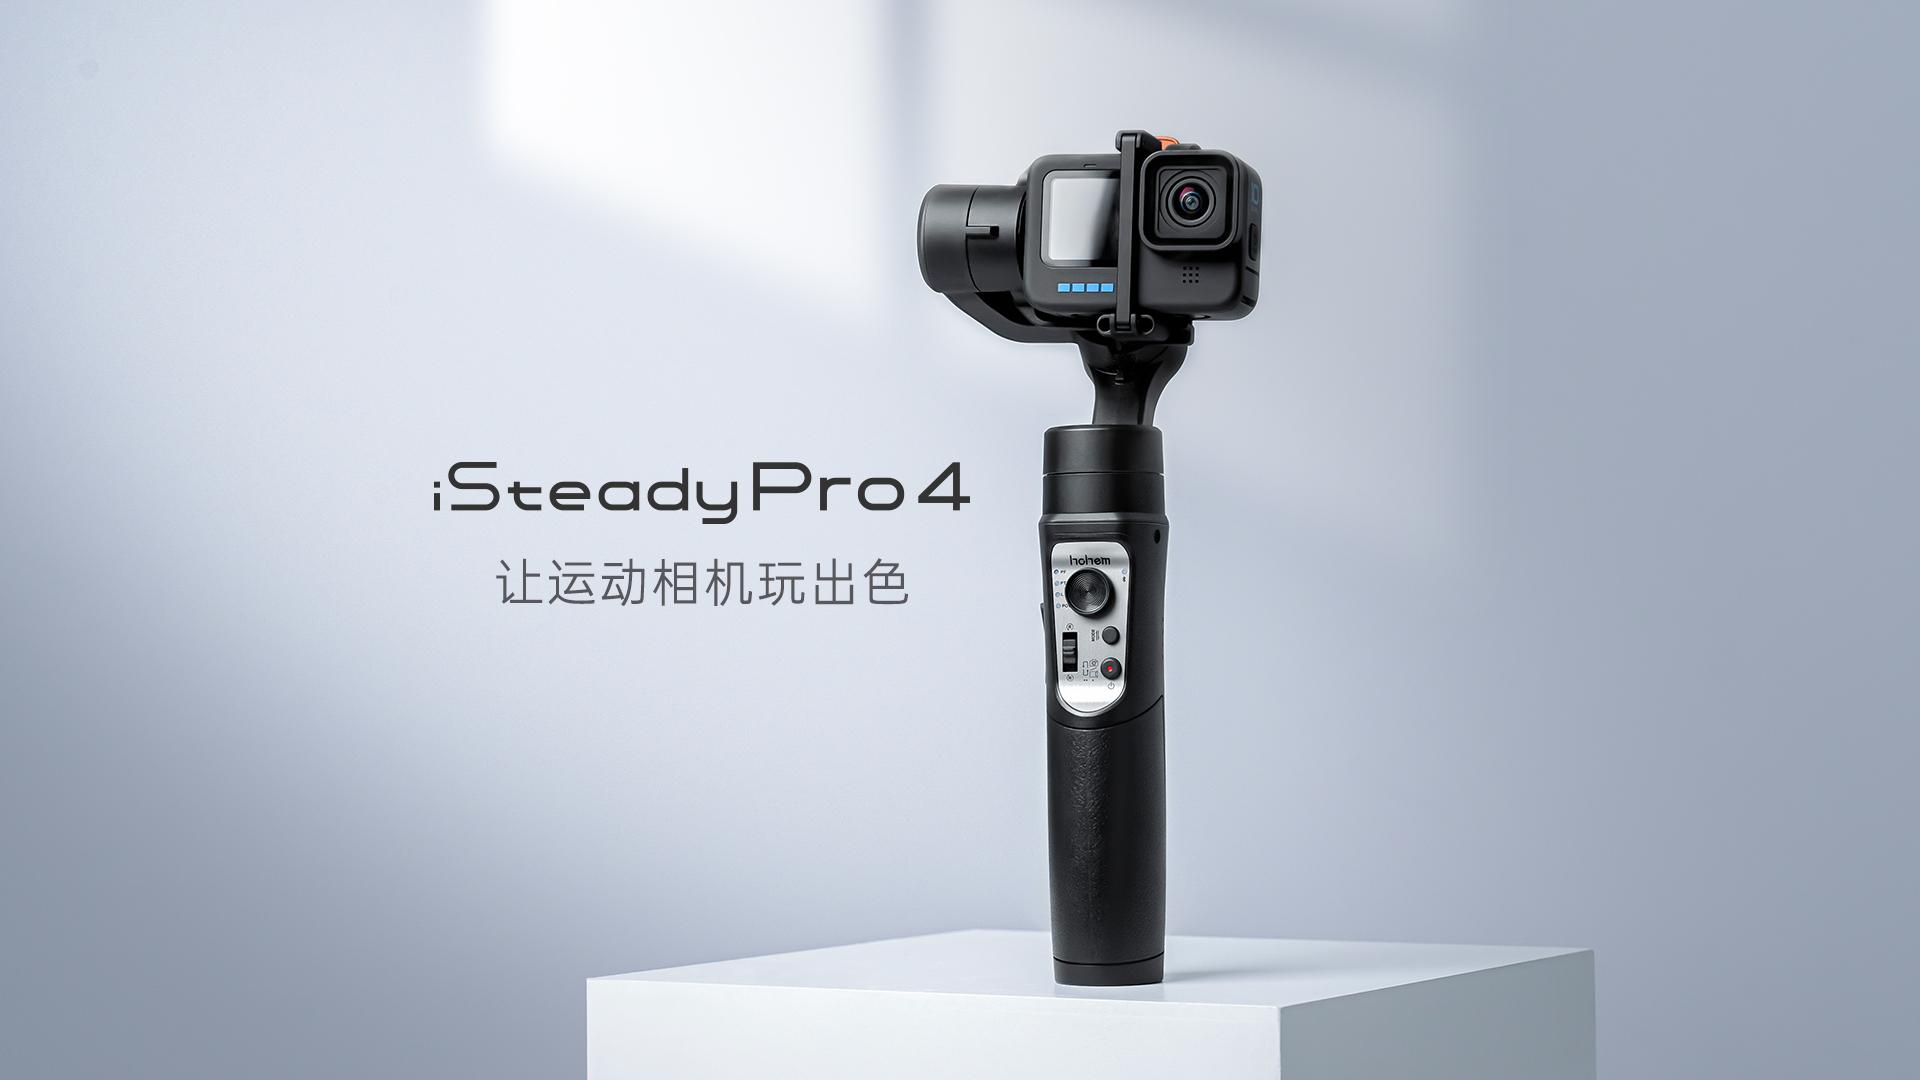 浩瀚 新品运动相机稳定器iSteady  Pro4 ,600°盗梦空间,让运动玩出色